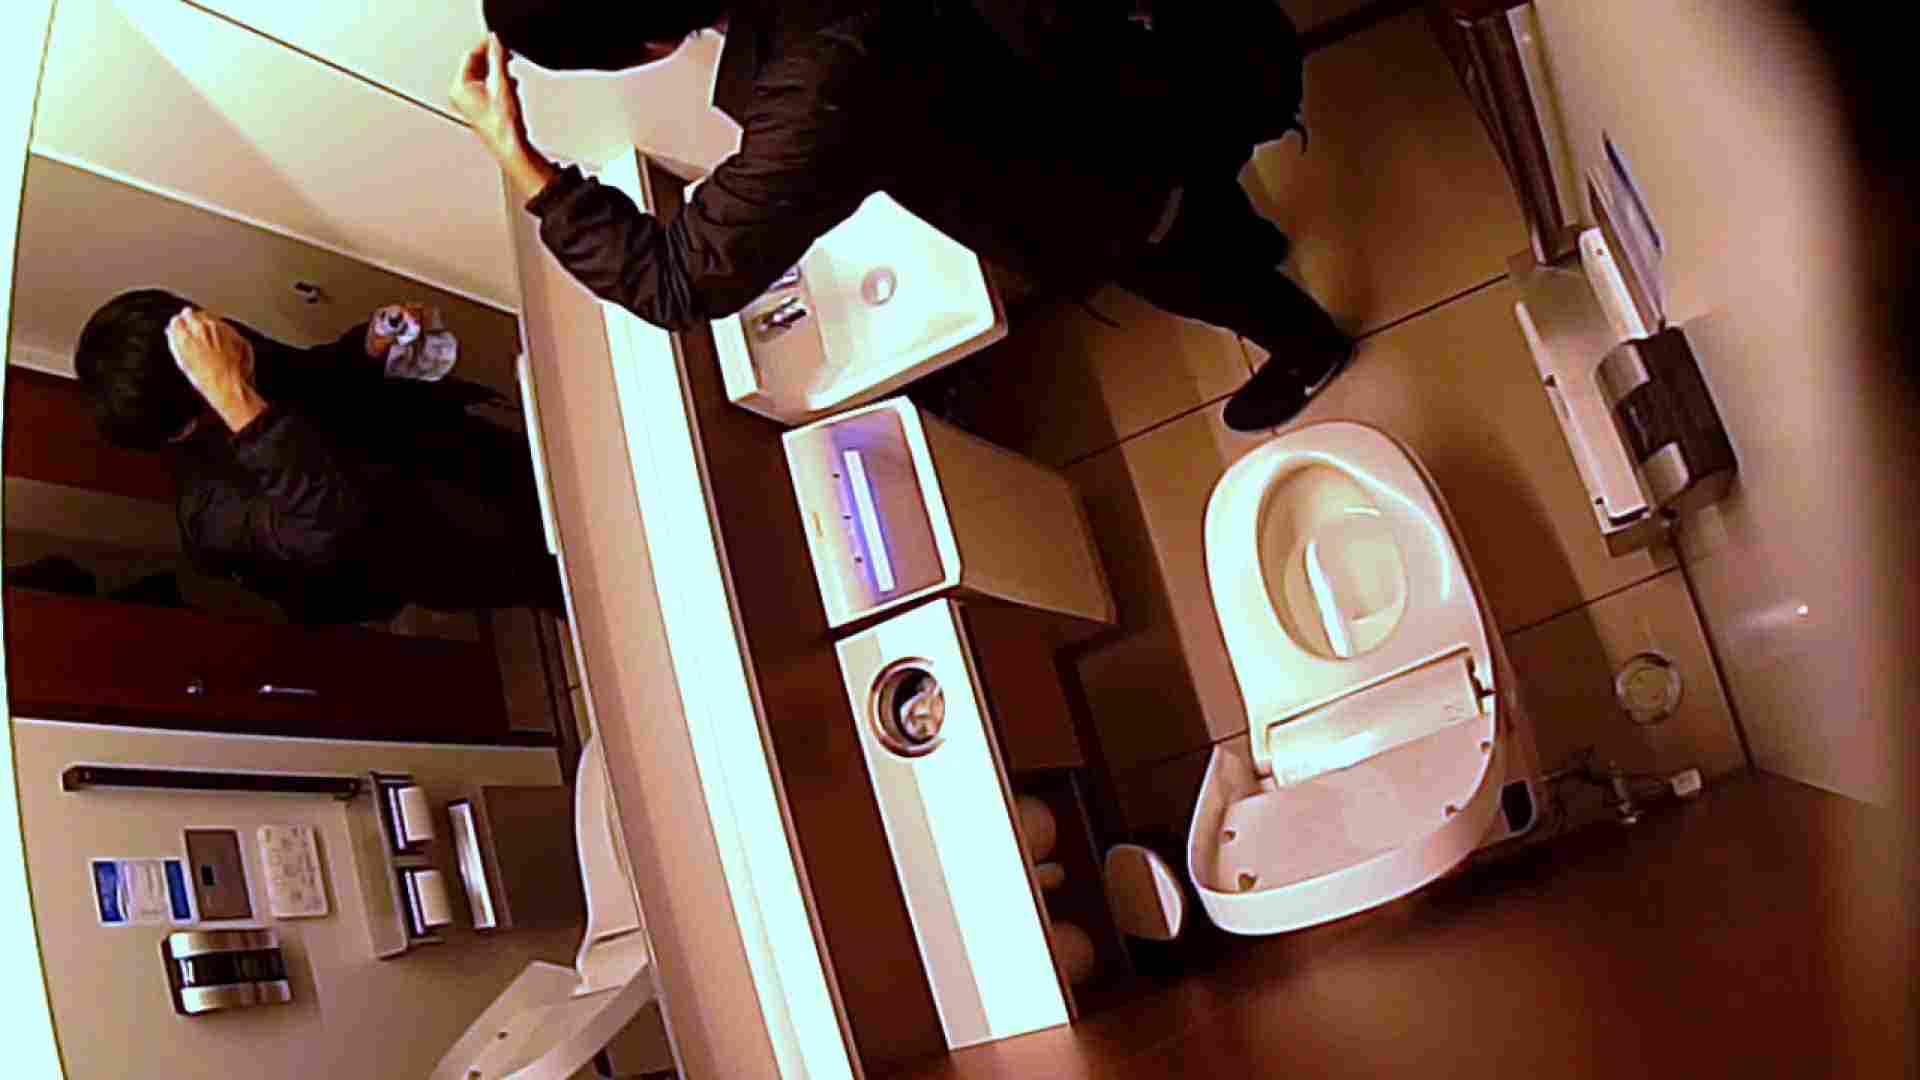 無修正セックス盗撮:すみませんが覗かせてください Vol.32:トイレ